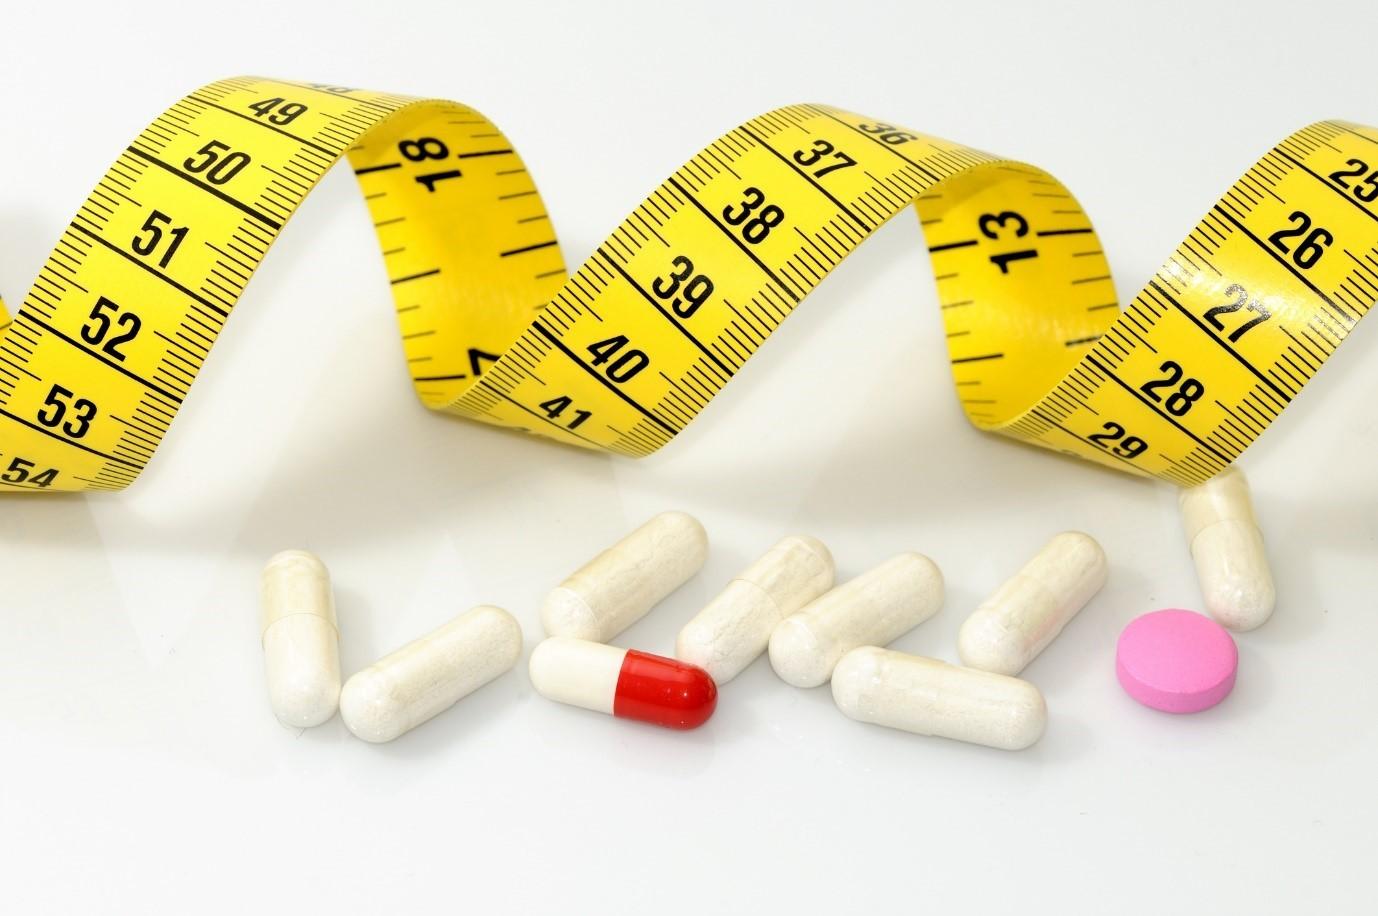 kako smršaviti i tonizirati se za 12 tjedana koje dijetalne tablete doista djeluju